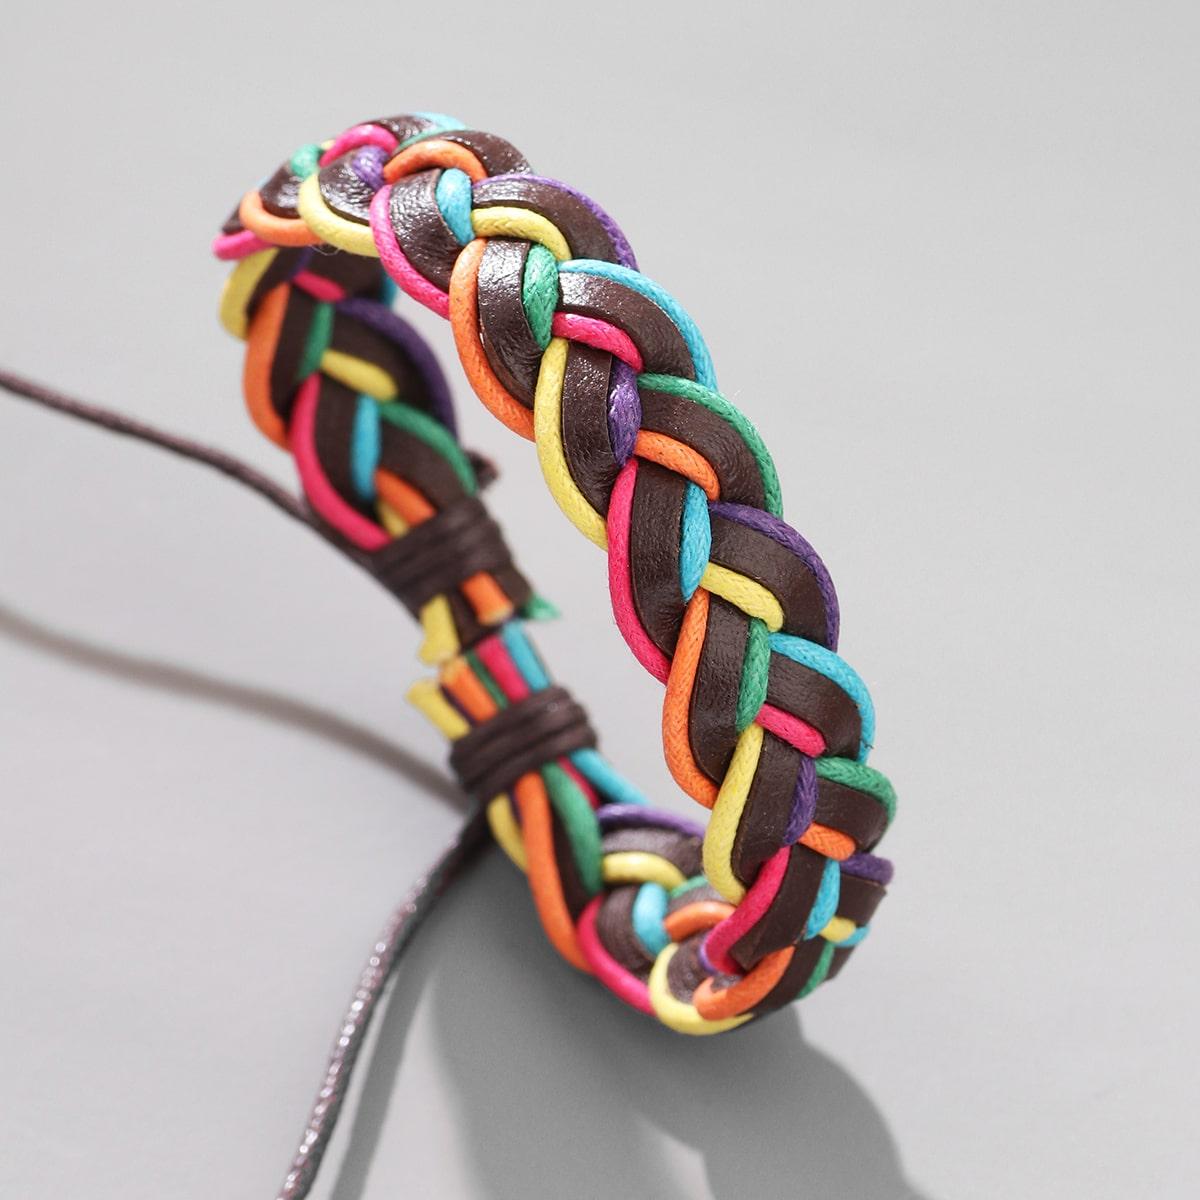 Контрастный плетеный браслет